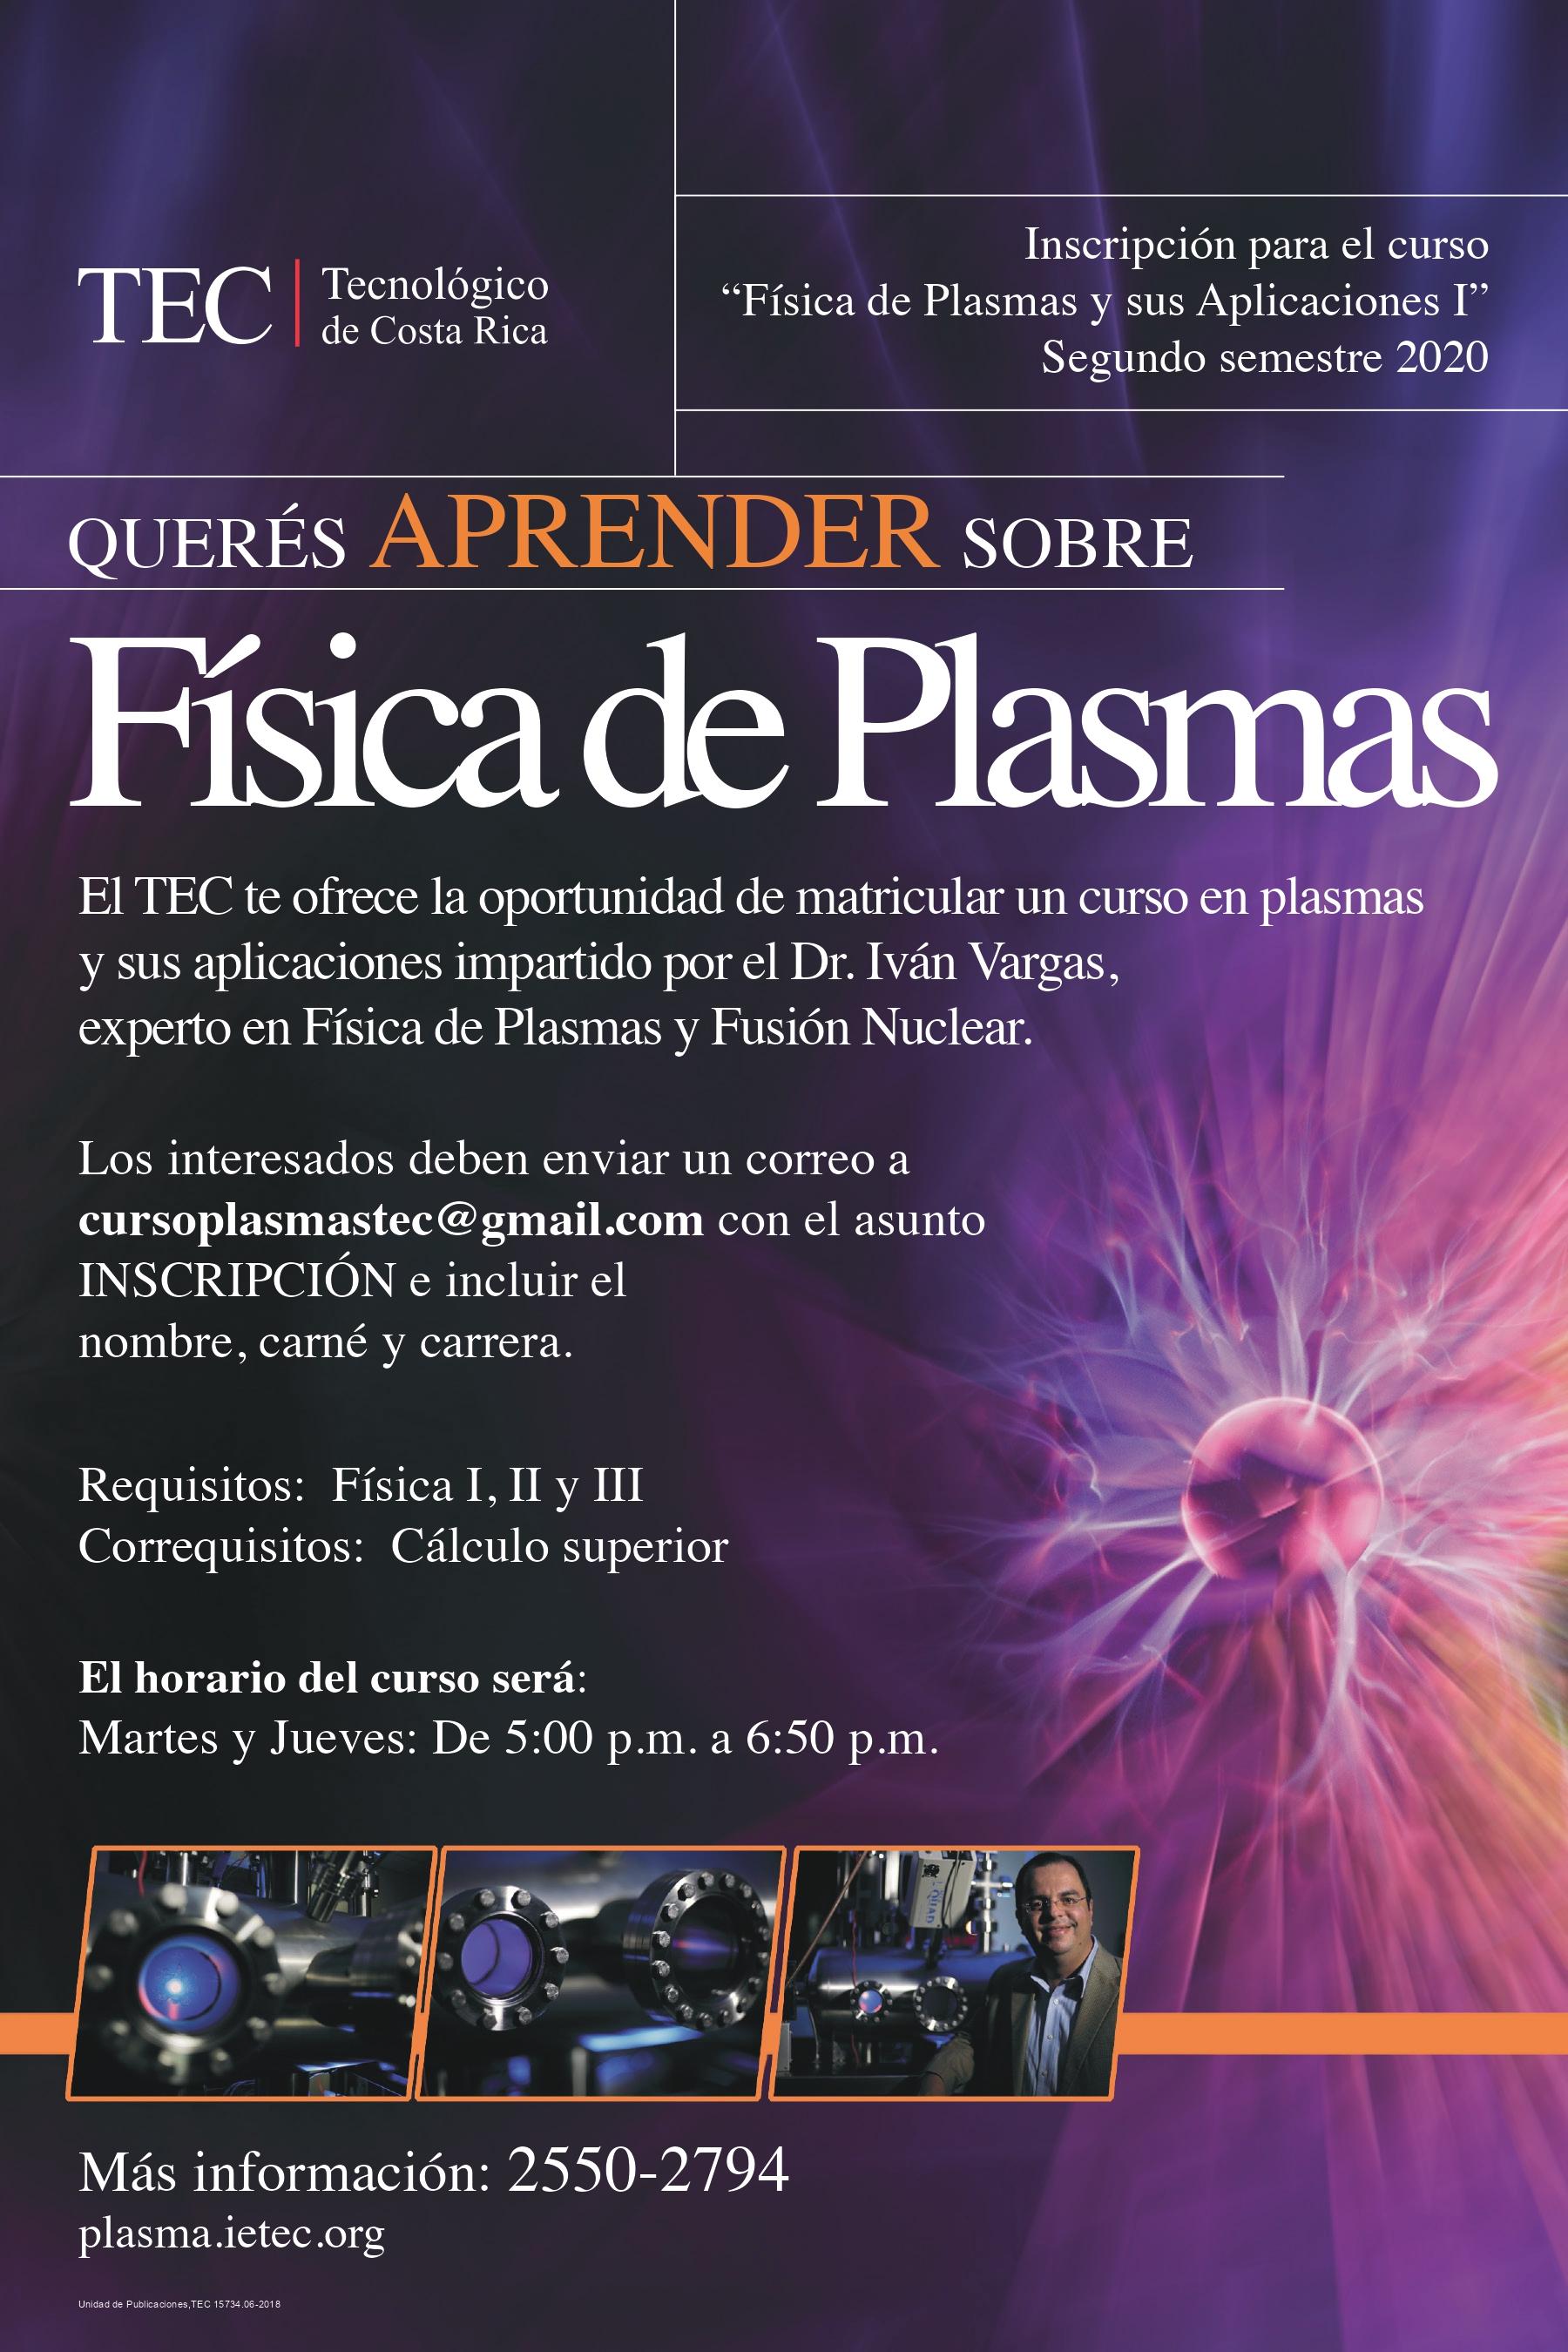 afiche informativo sobre el curso Física de Plasmas